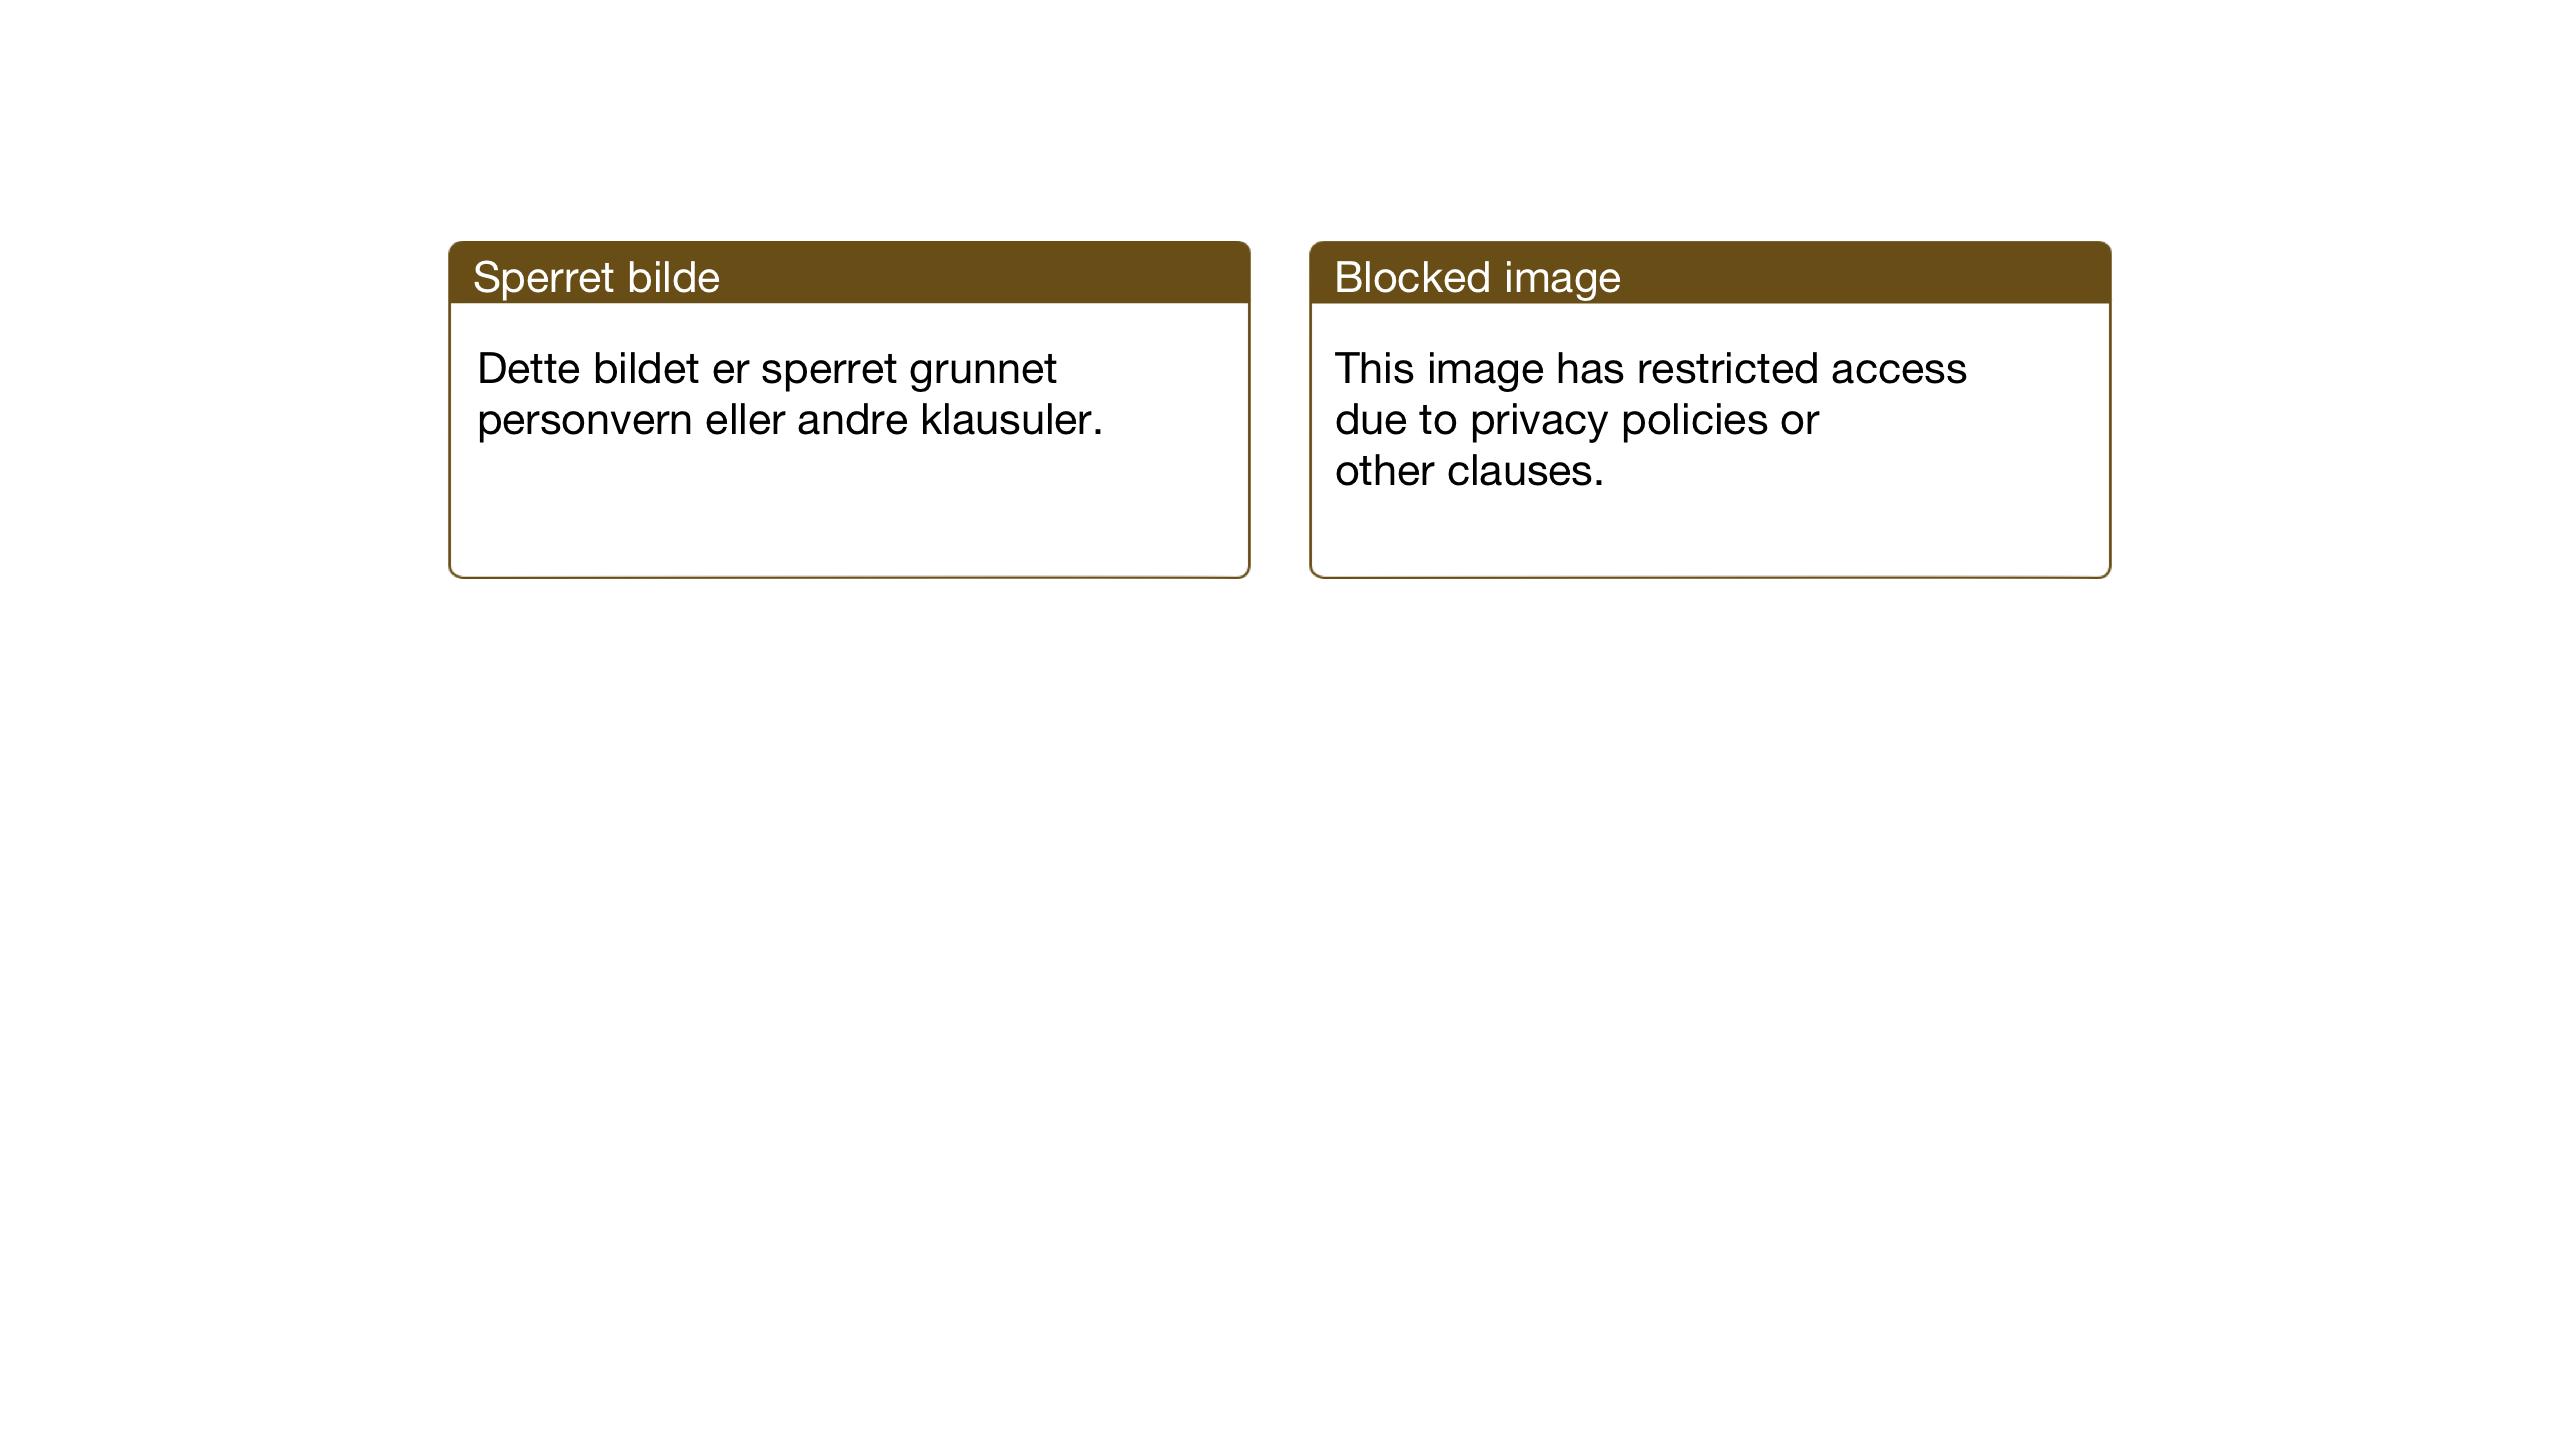 SAT, Ministerialprotokoller, klokkerbøker og fødselsregistre - Nord-Trøndelag, 714/L0136: Klokkerbok nr. 714C05, 1918-1957, s. 227